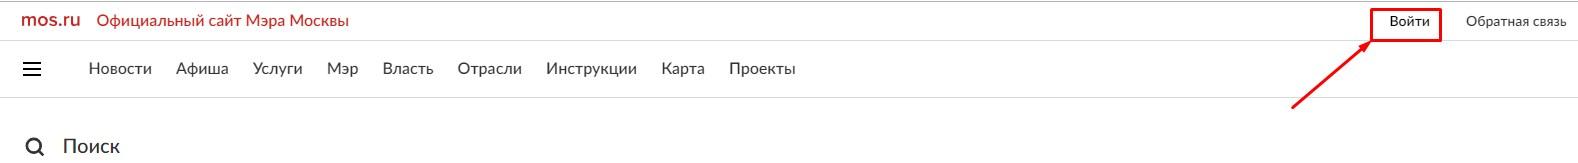 Московский бесплатный Wi-Fi: «Moscow_WiFi_Free» и «MT_Free»